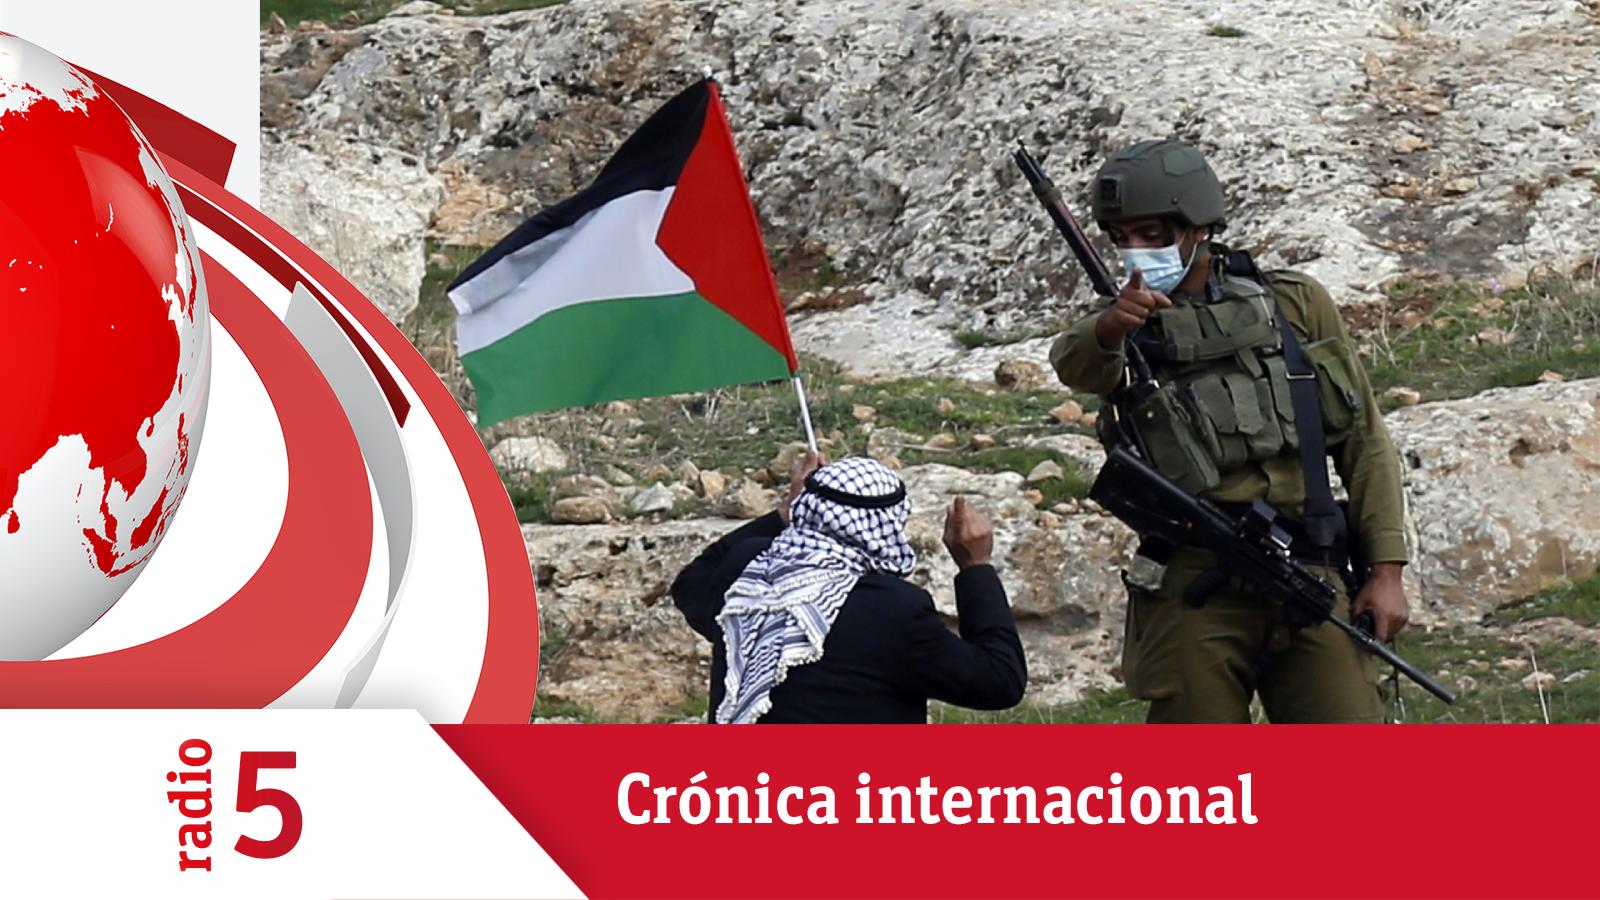 Crónica Internacional - HRW califica como 'apartheid' las políticas de Israel con los palestinos